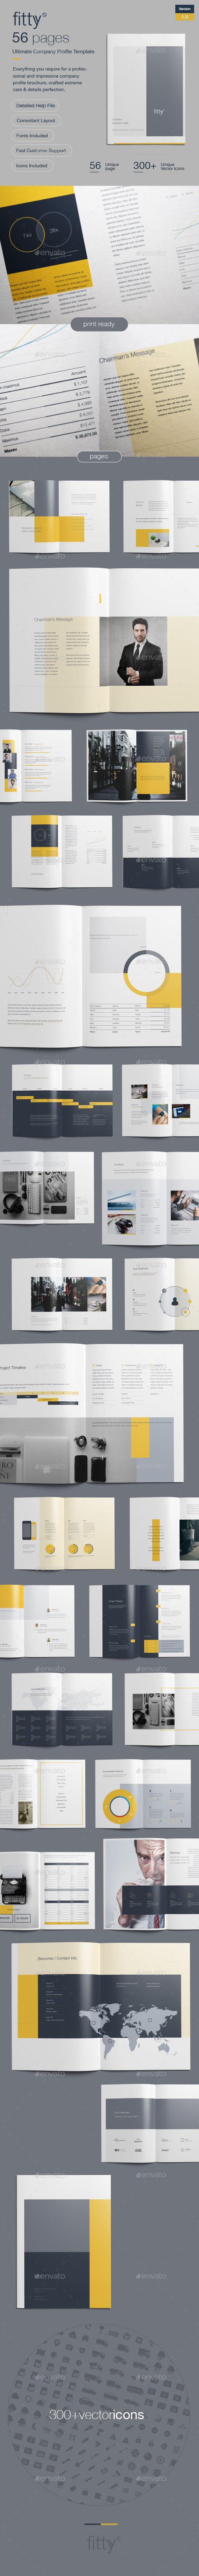 Company Profile Template Company Profile Brochures And Template - Company profile brochure template